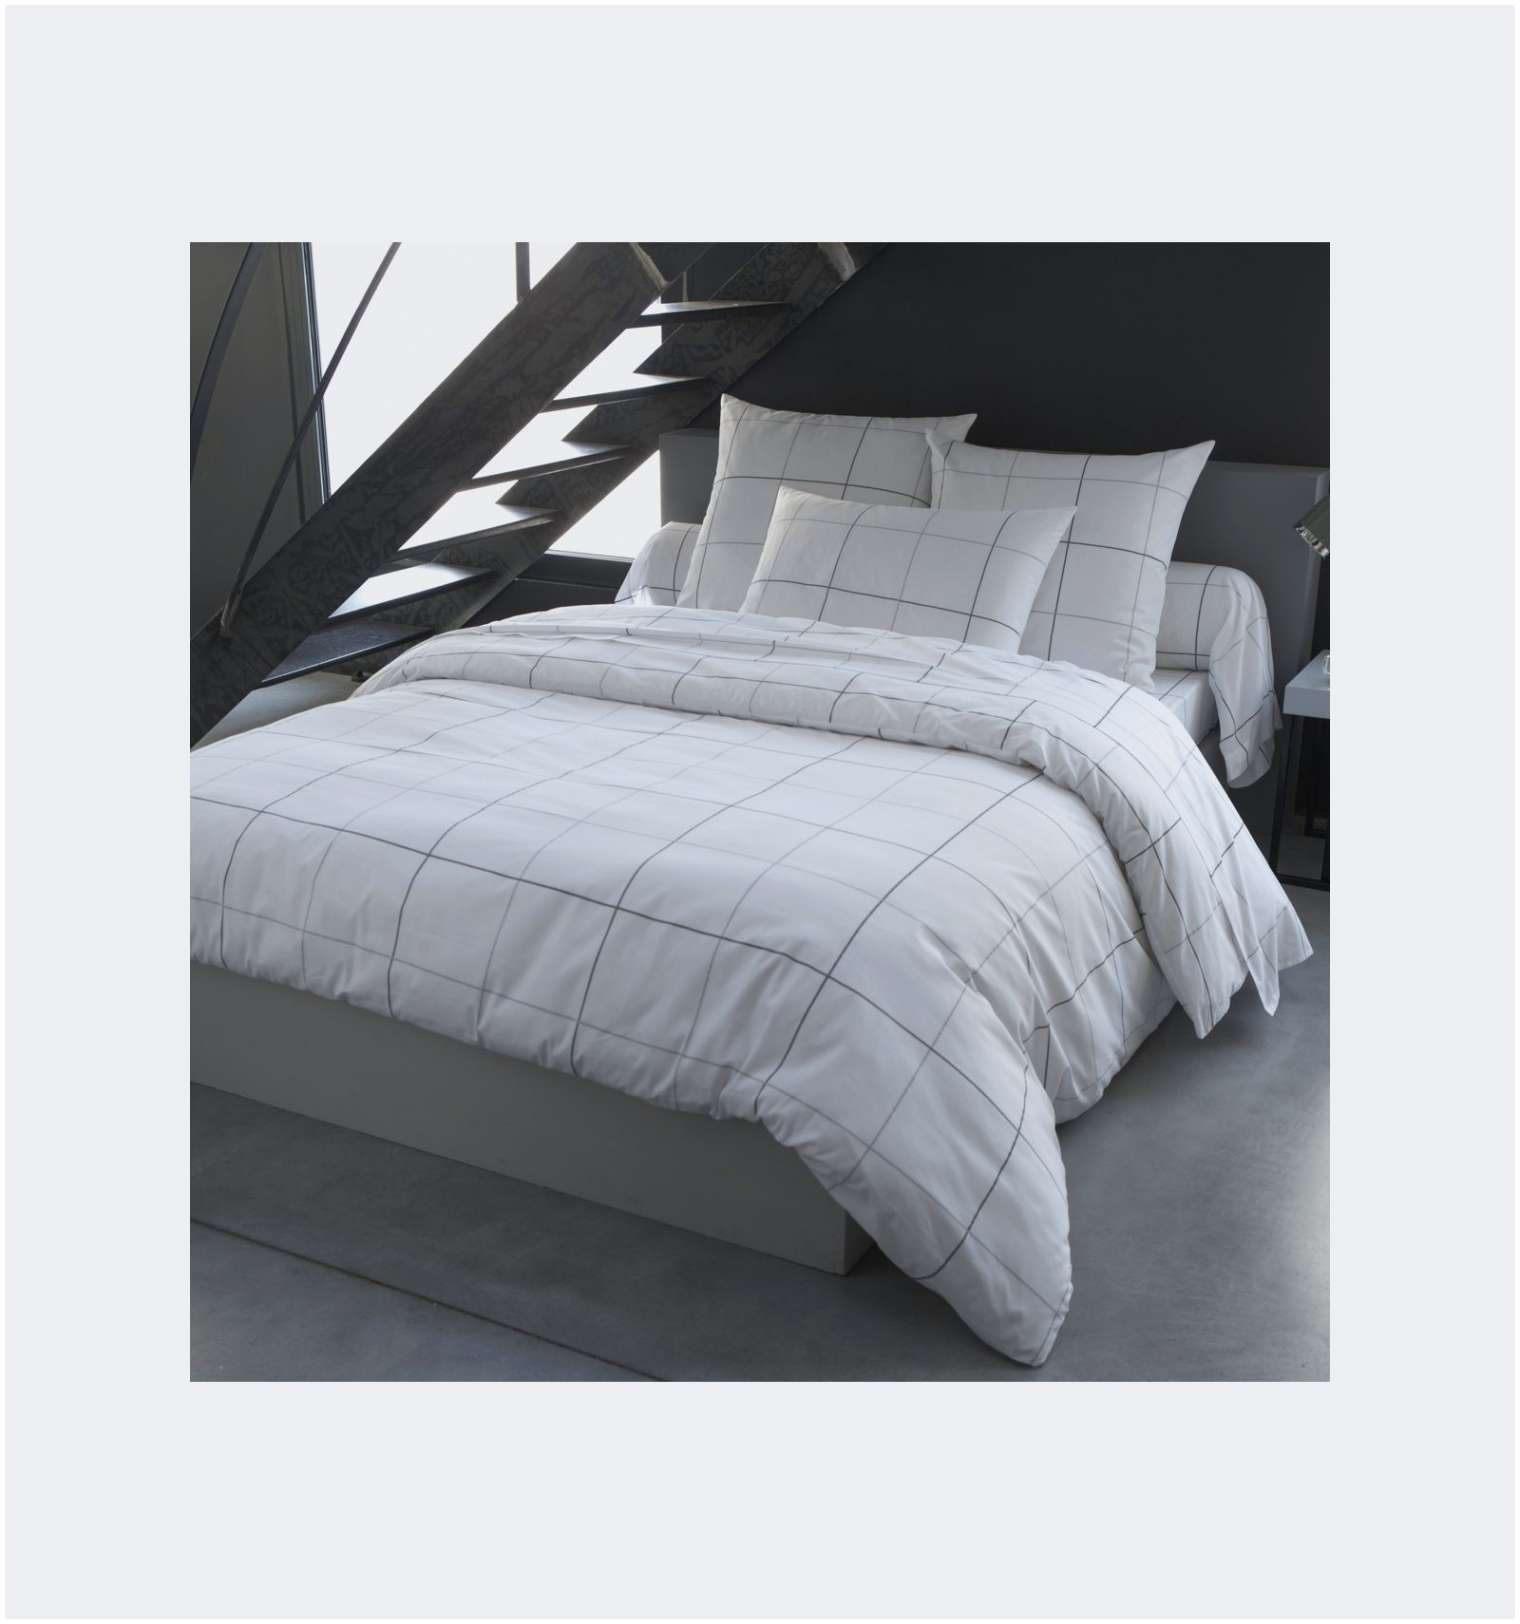 Linge De Lit Kenzo Magnifique Le Meilleur De Parrure De Lit Kenzo Yves Delorme Lit Bedroom Bed